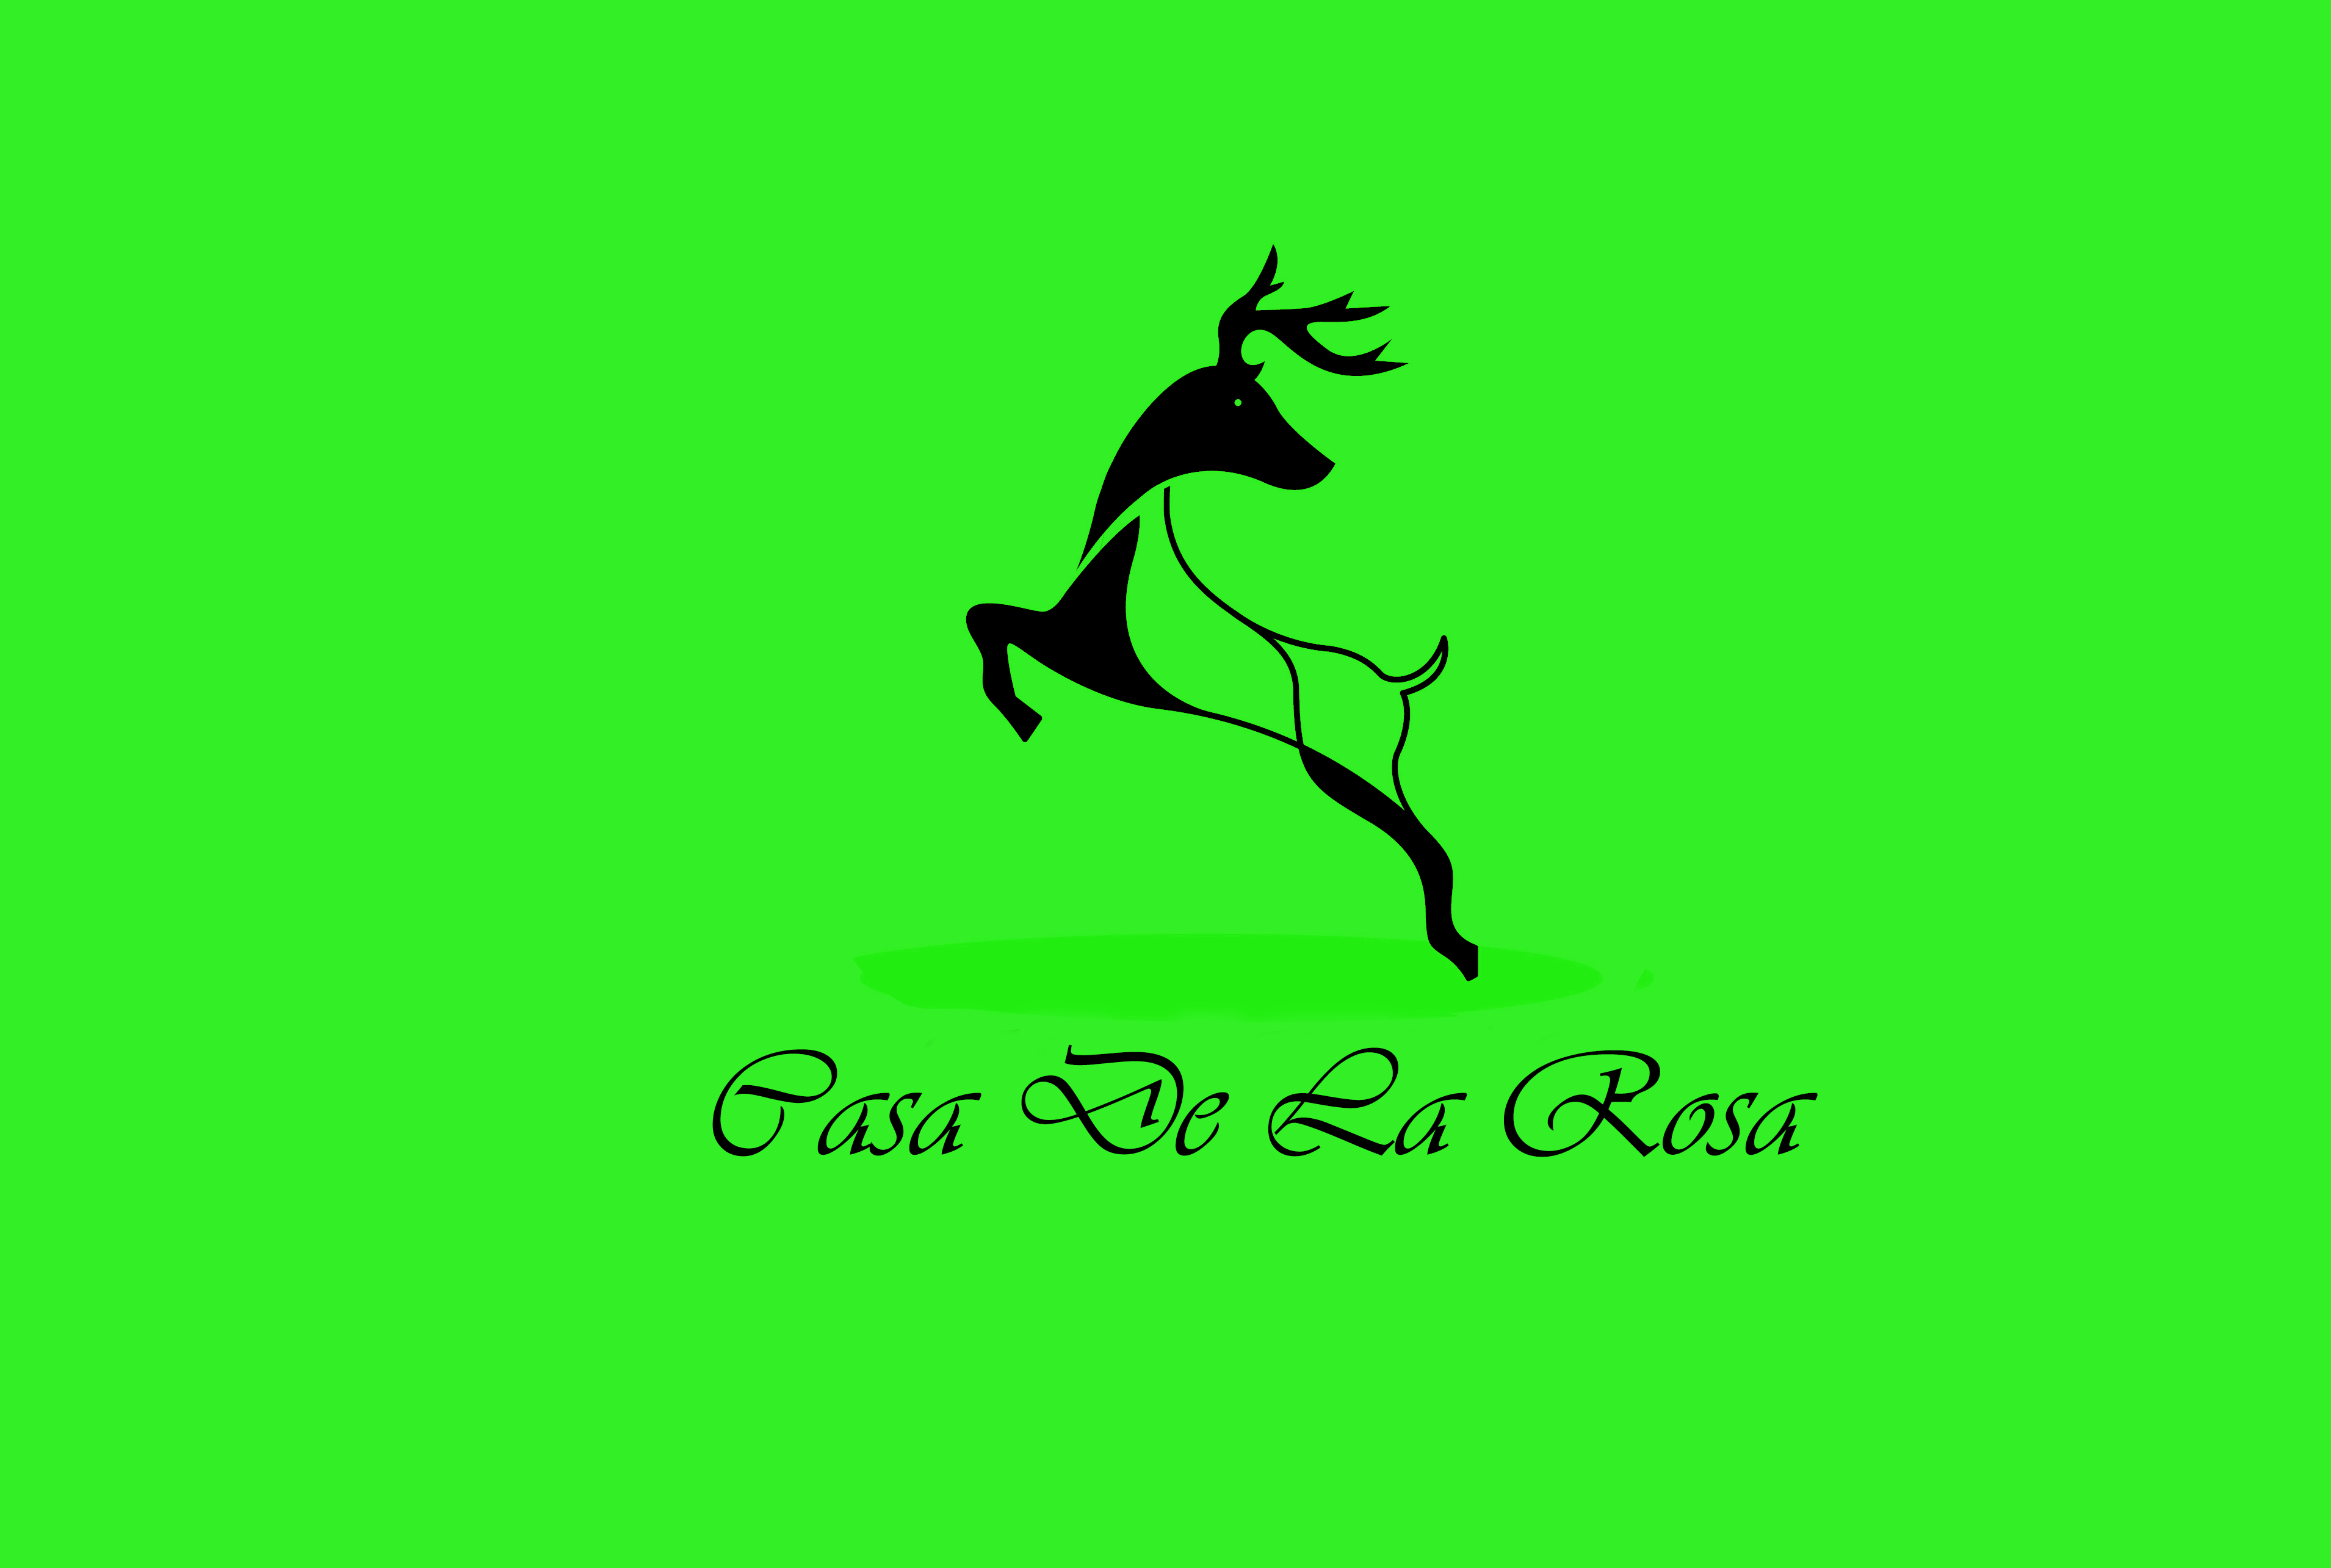 Логотип + Фирменный знак для элитного поселка Casa De La Rosa фото f_3145cd337a4652ae.png